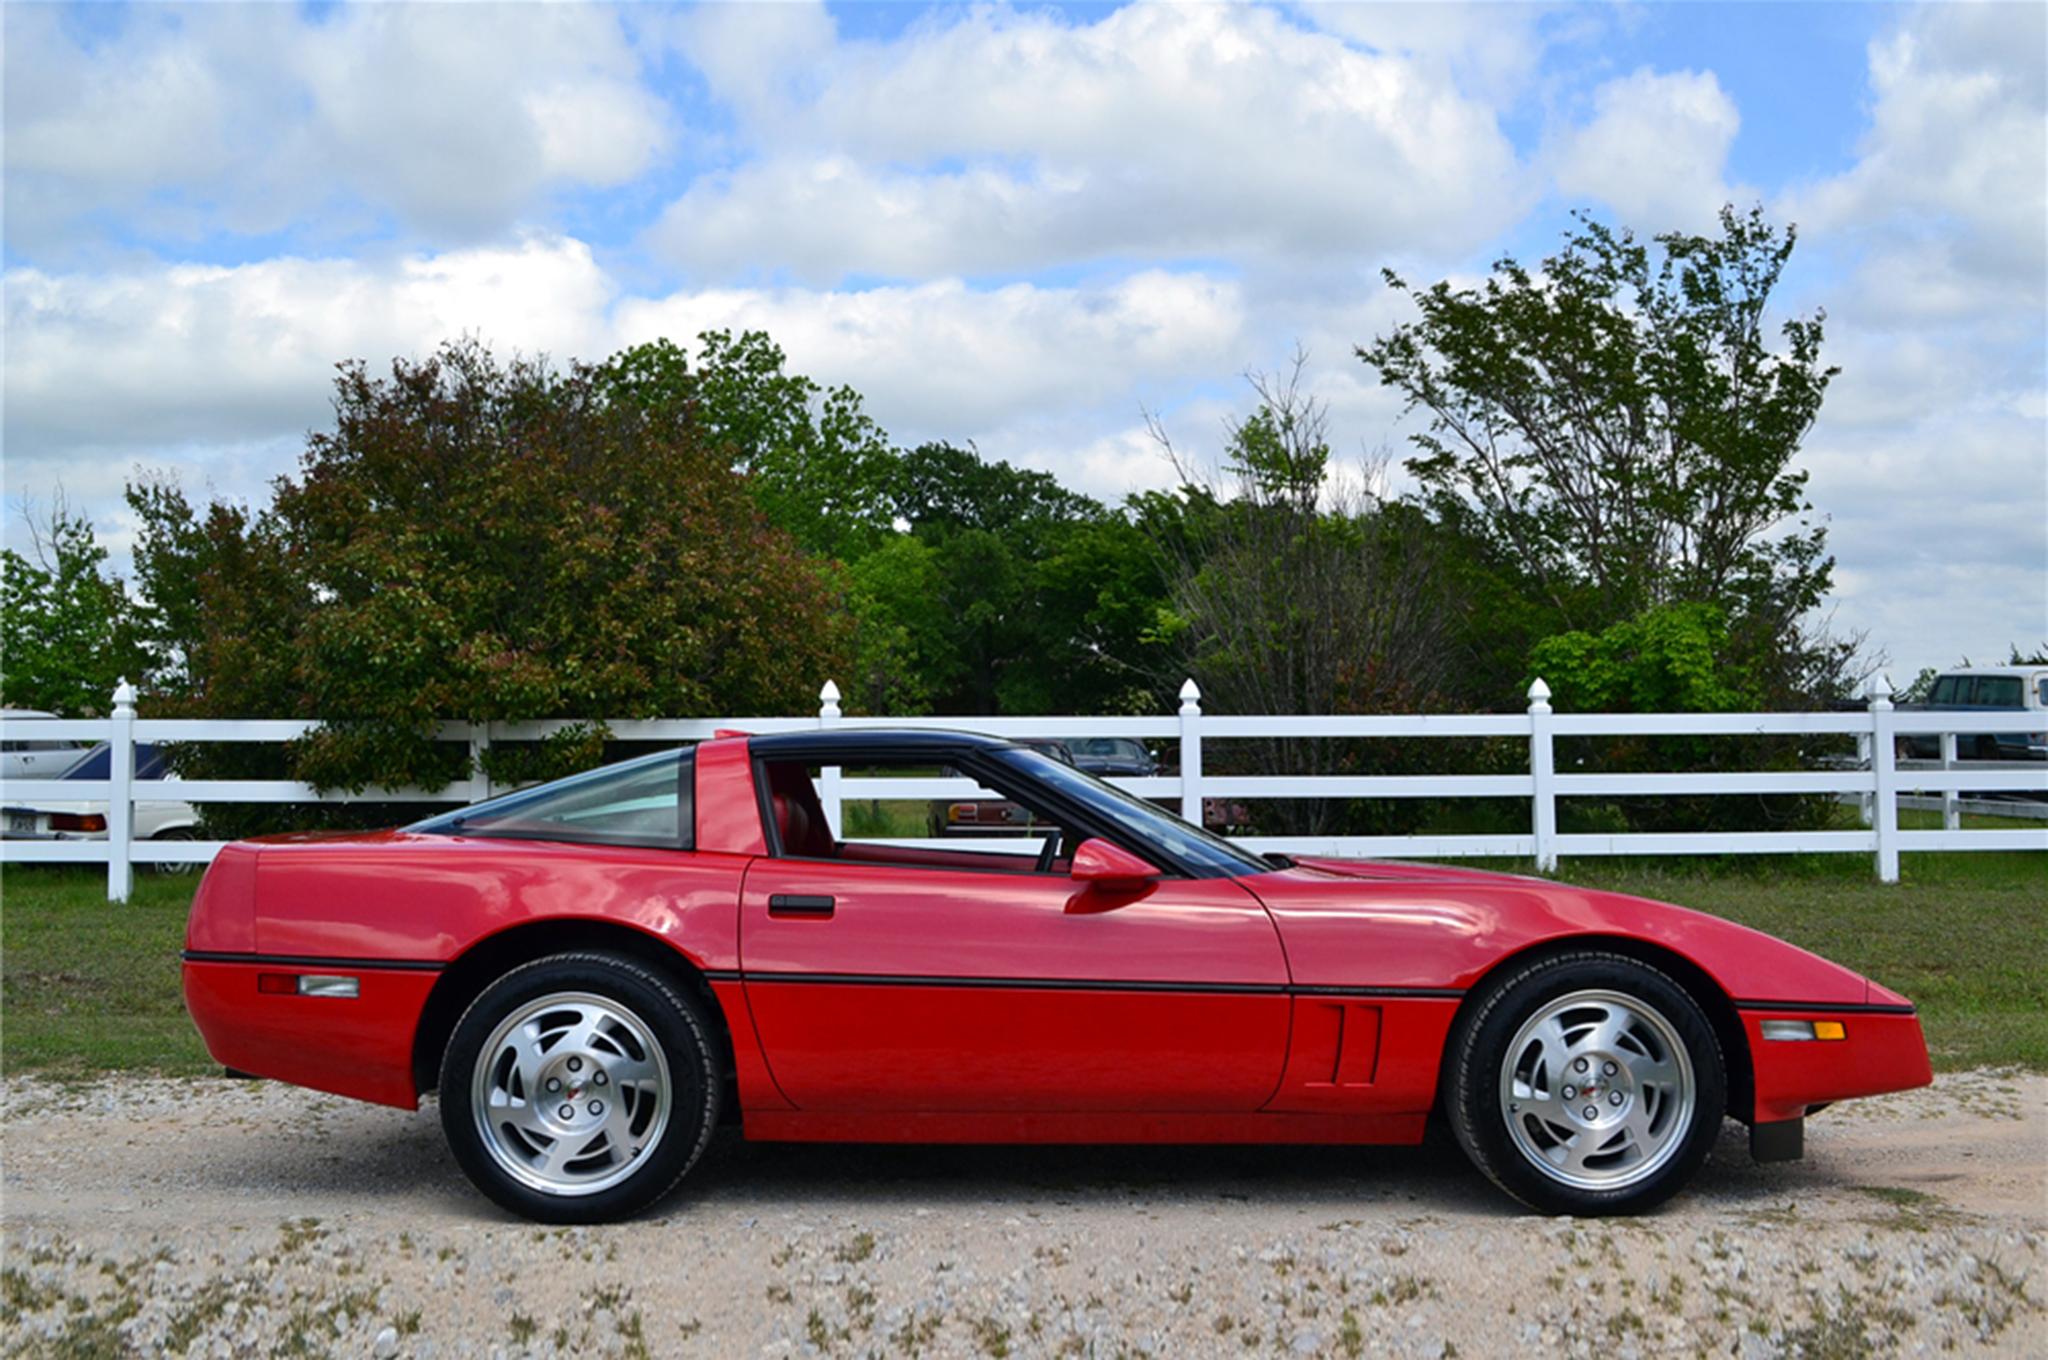 1990 Chevrolet Corvette ZR 1 March Auctions Side